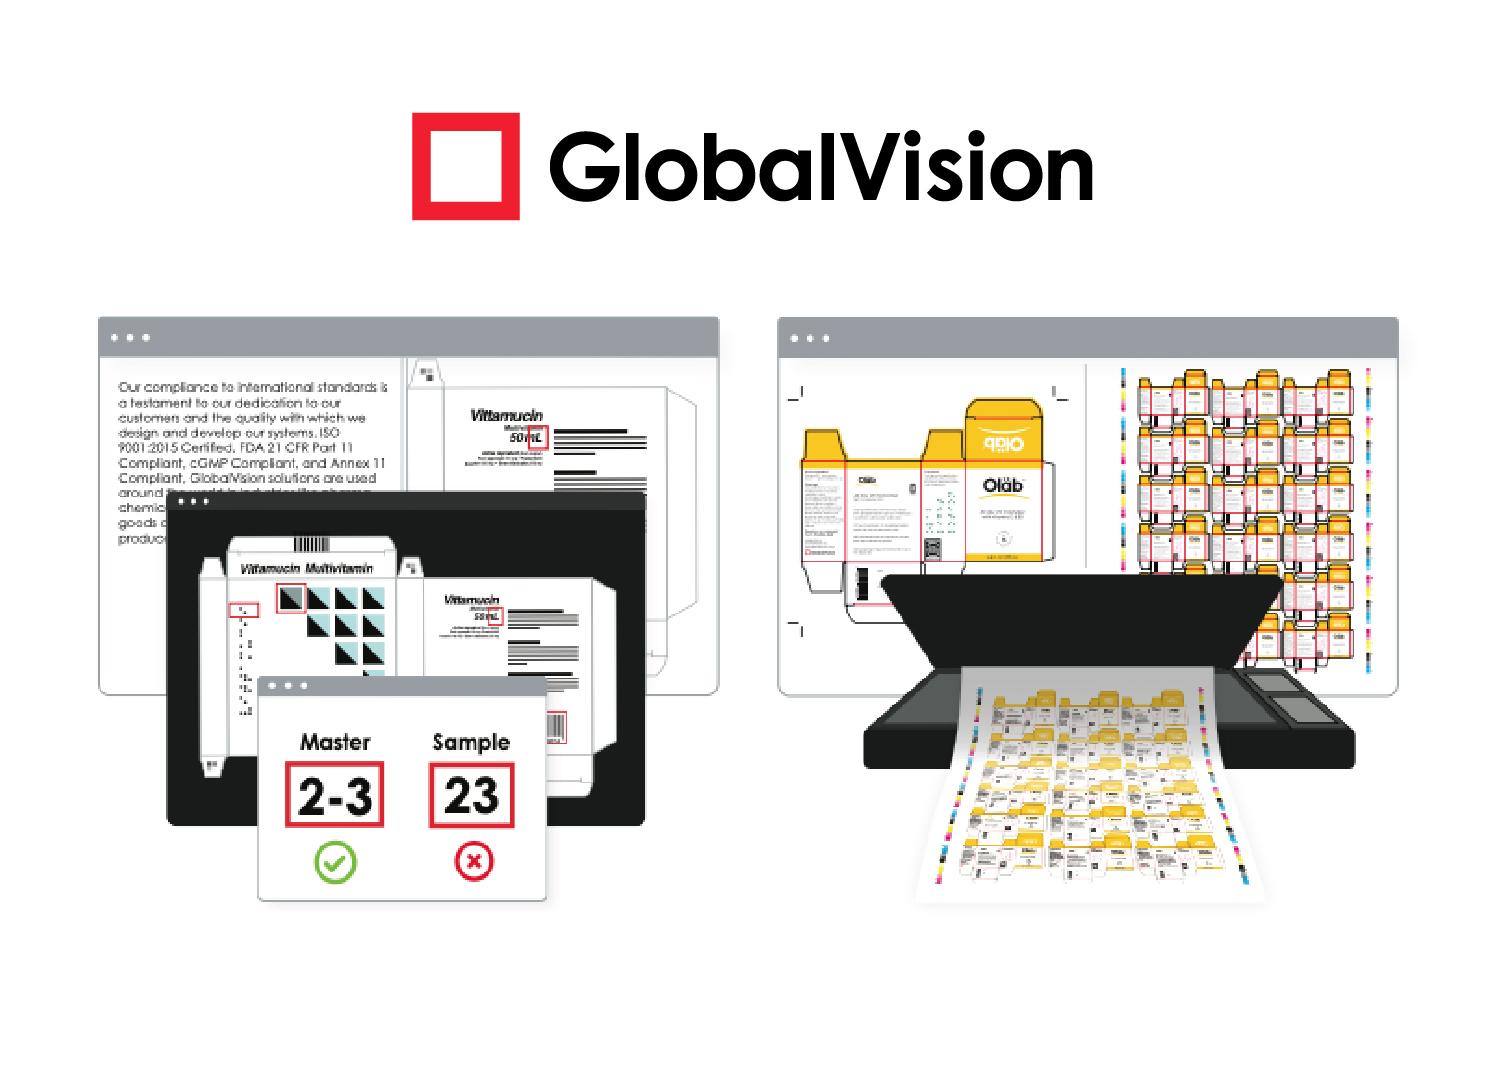 ซอฟต์แวร์ตรวจสอบคุณภาพงาน Global Vision